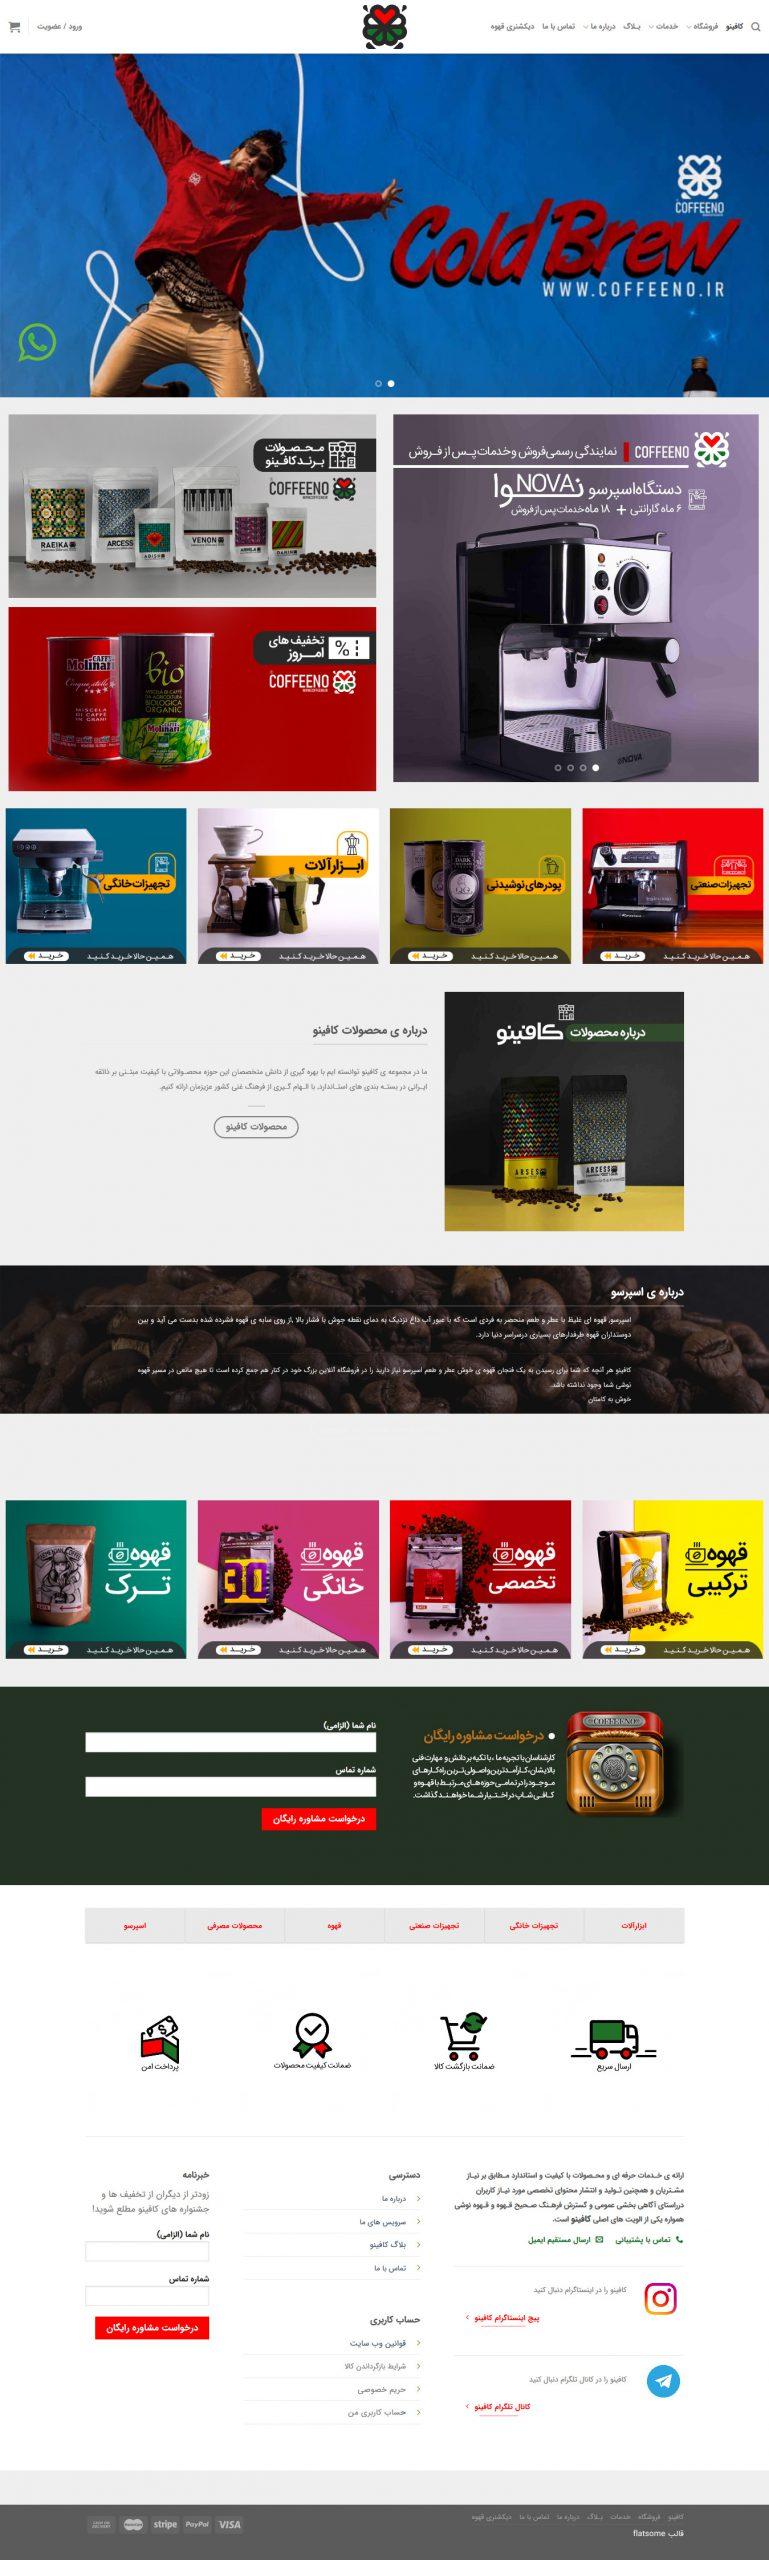 فروش اینترنتی قهوه و لوازم افی شاپ